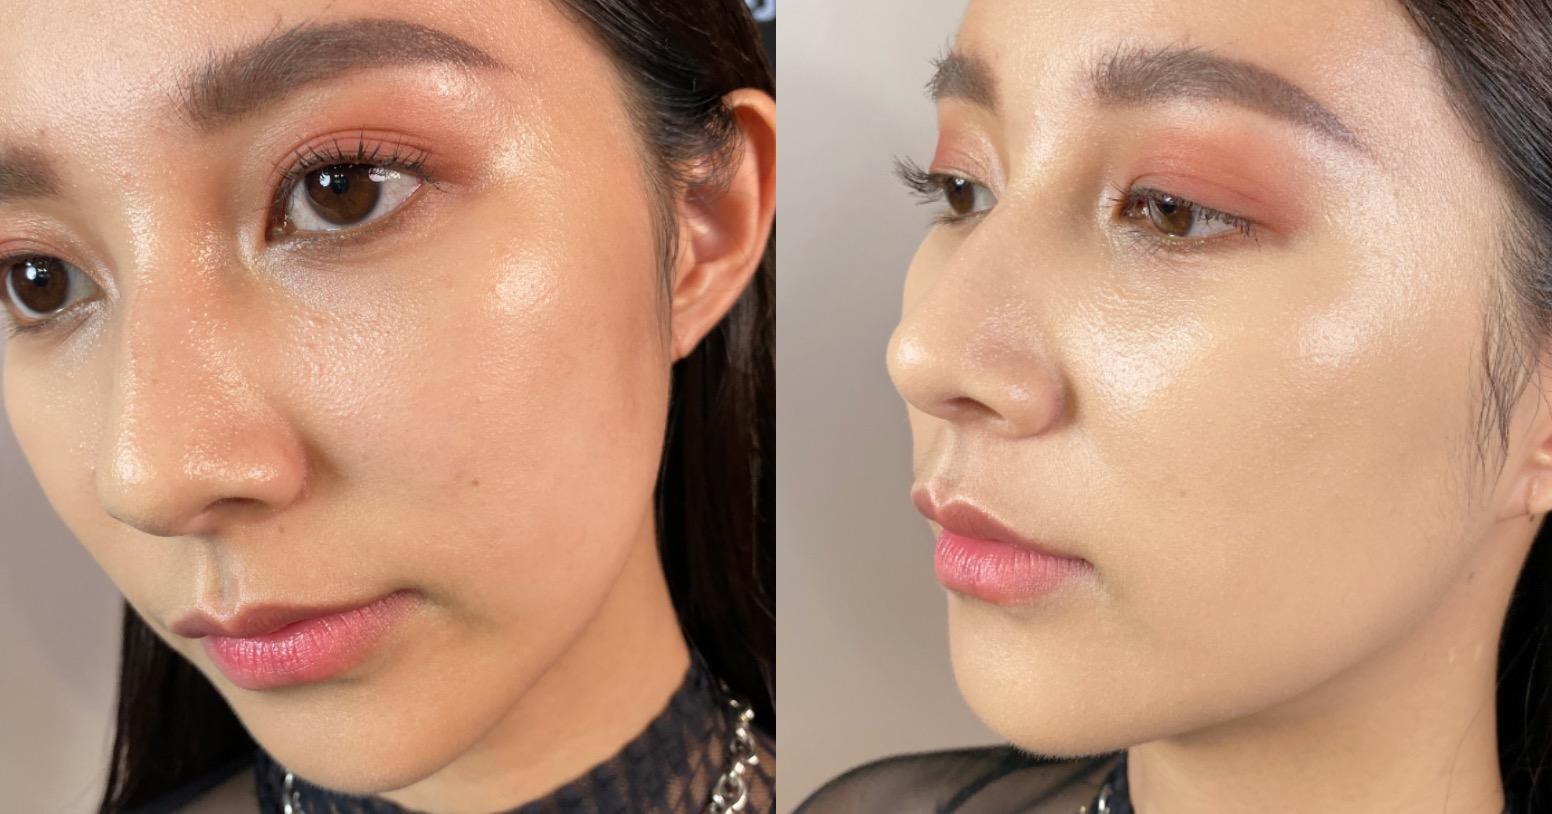 擦上這款粉底即可達到夢寐以求的天生好皮膚光感,添加日本「白雪姬」牡丹、日本頂級有機米萃取等珍貴植萃保養精華,完美做到上妝同步水嫩保養肌膚,令肌膚長時間透出質感光澤不暗沉,更能長效持妝、一整天不脫妝不糊妝。